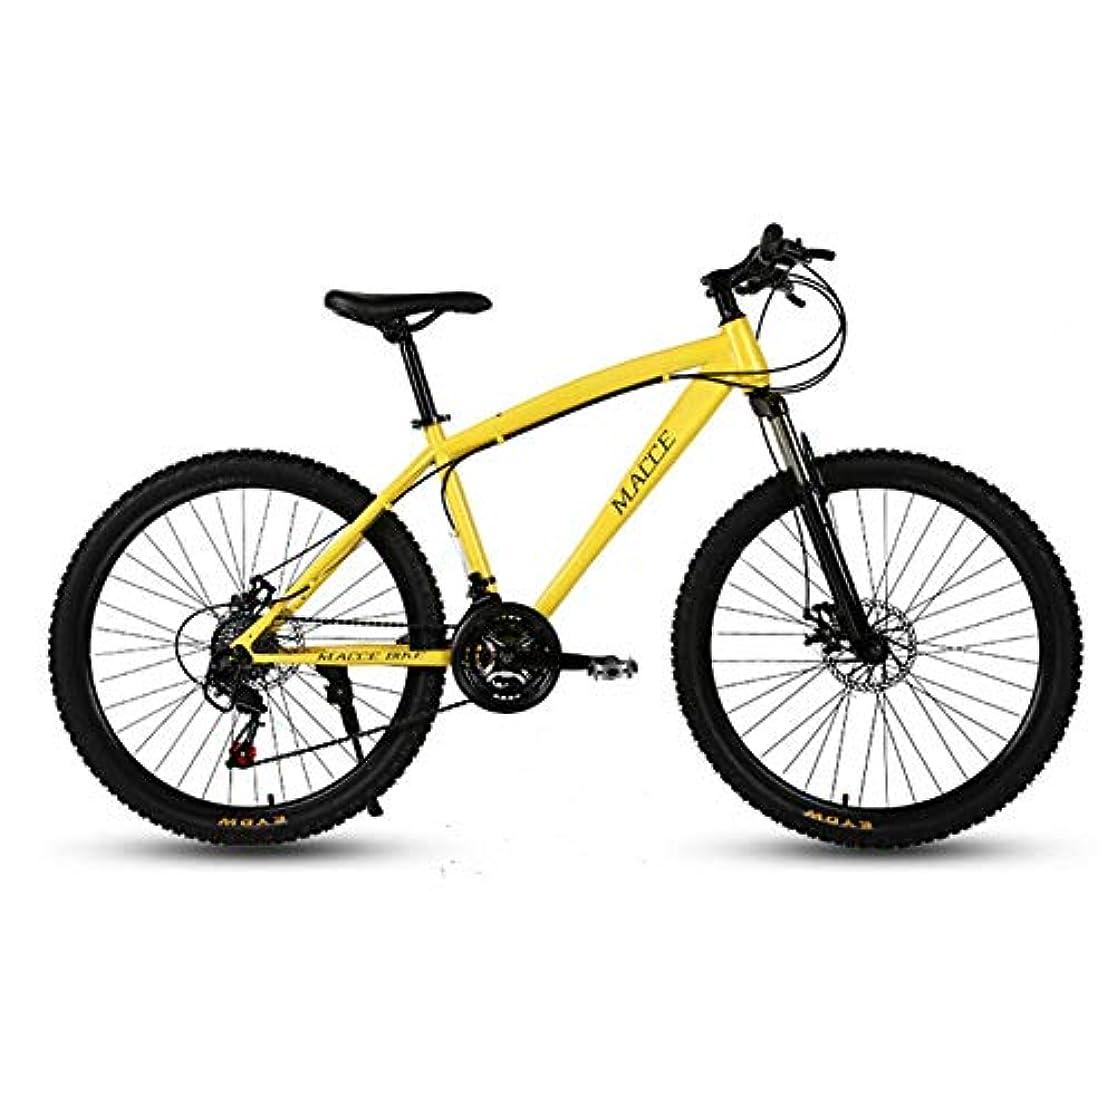 立法宿題港24および26インチマウンテンバイク、21/24/27デュアルディスクブレーキフルサスペンションMTBバイク、軽量で耐久性のある男性用女性用バイク。